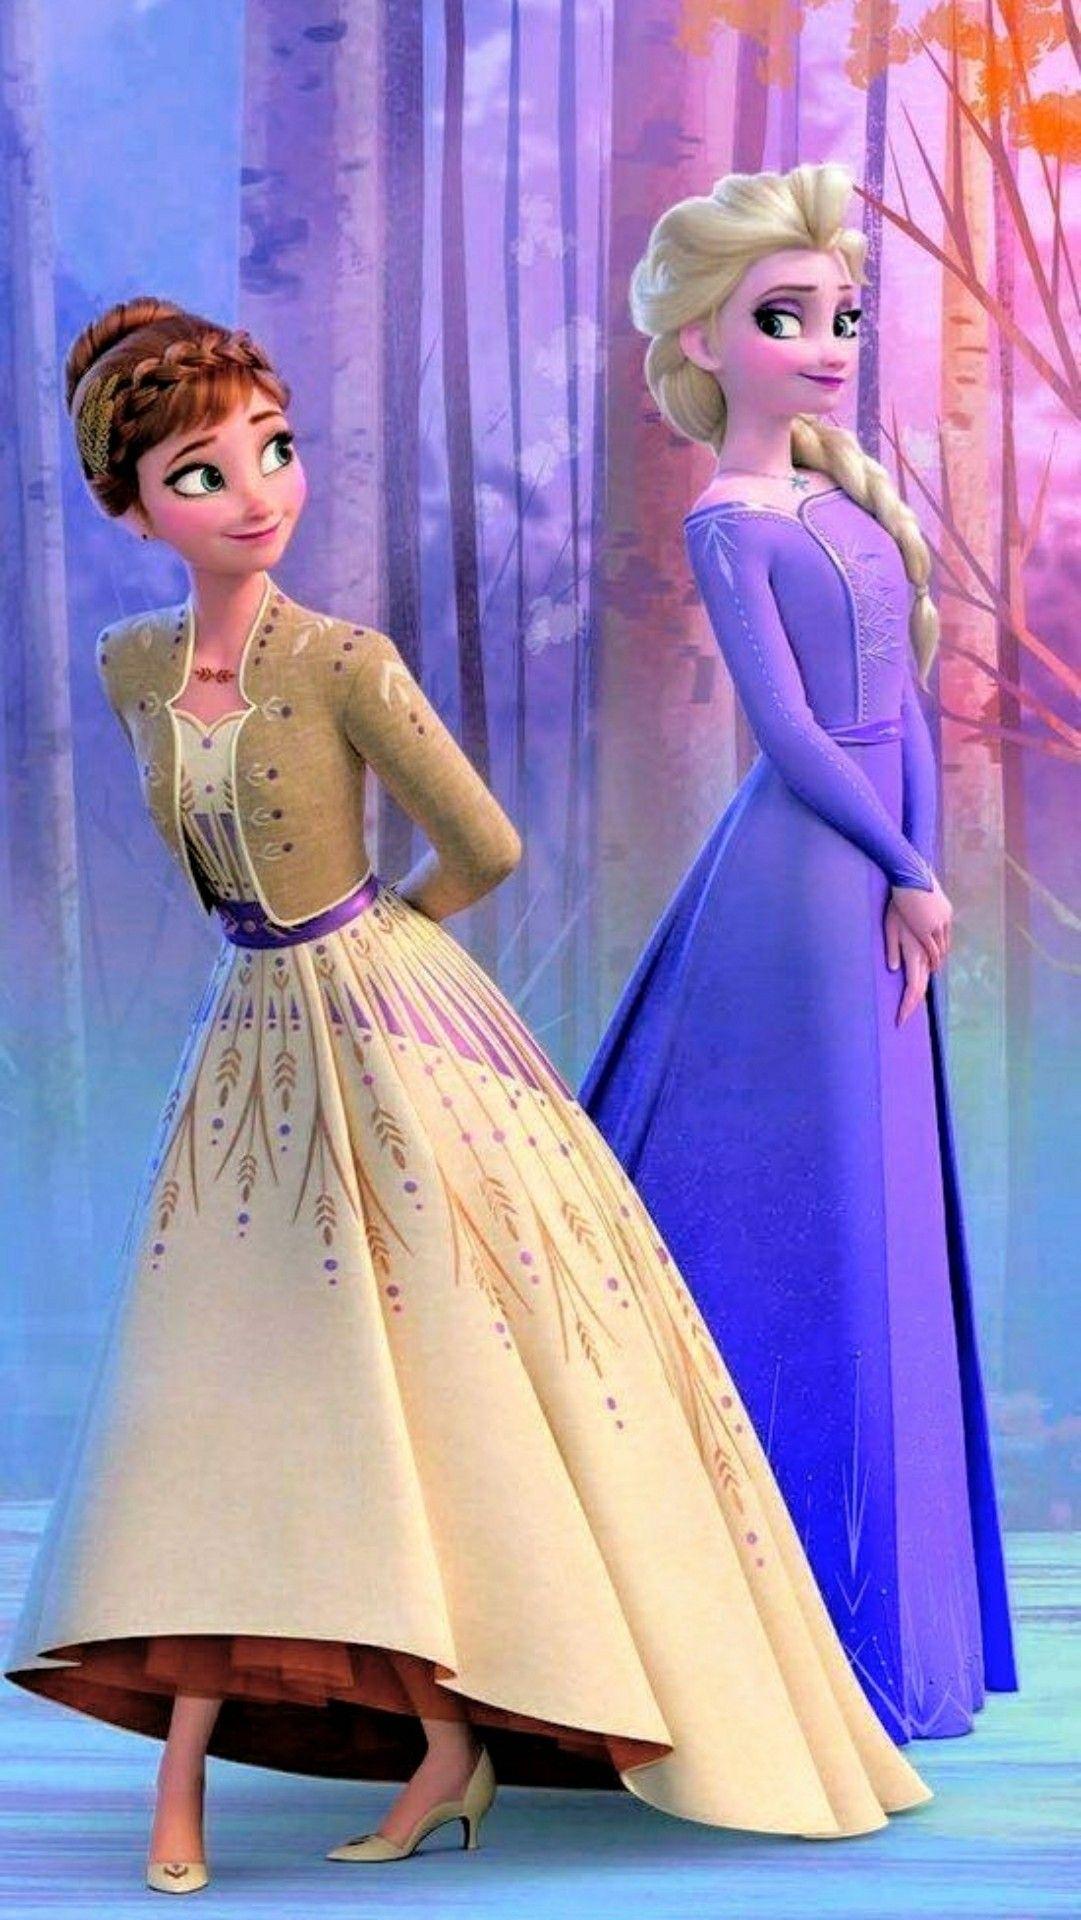 Frozen 2 Wallpaper Anna And Elsa Disney Princess Wallpaper Disney Princess Fashion Disney Princess Frozen